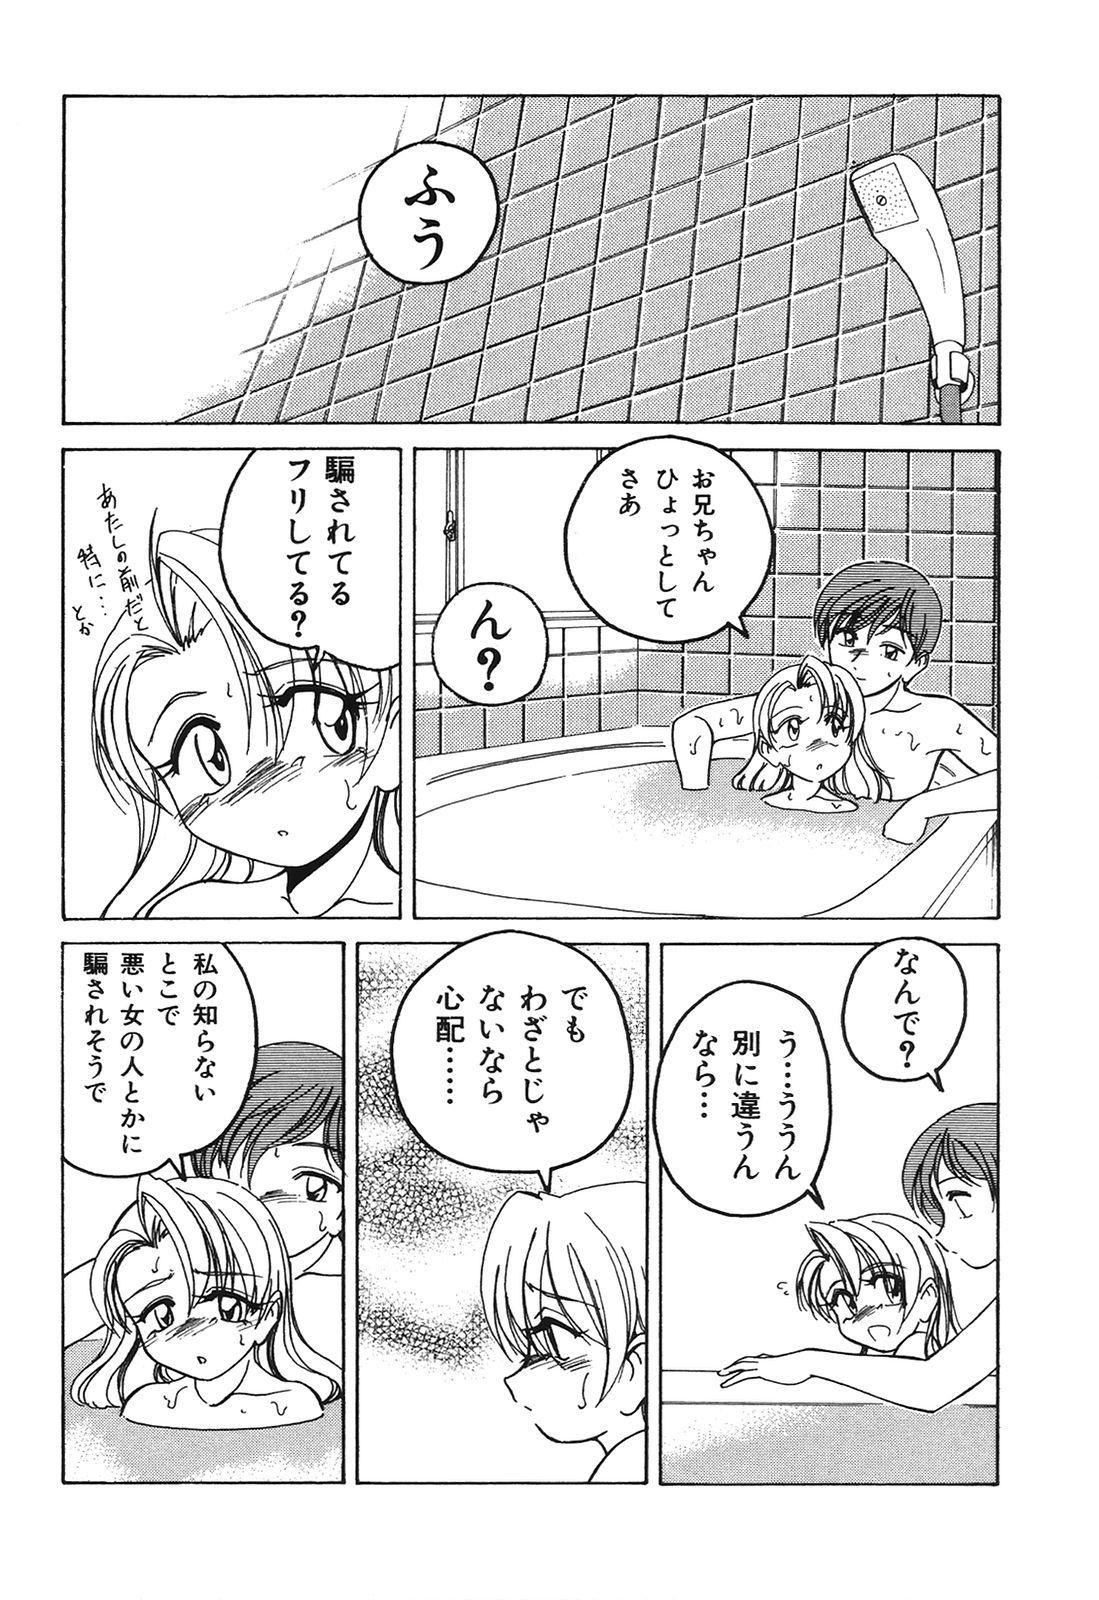 Omake No Musume 66